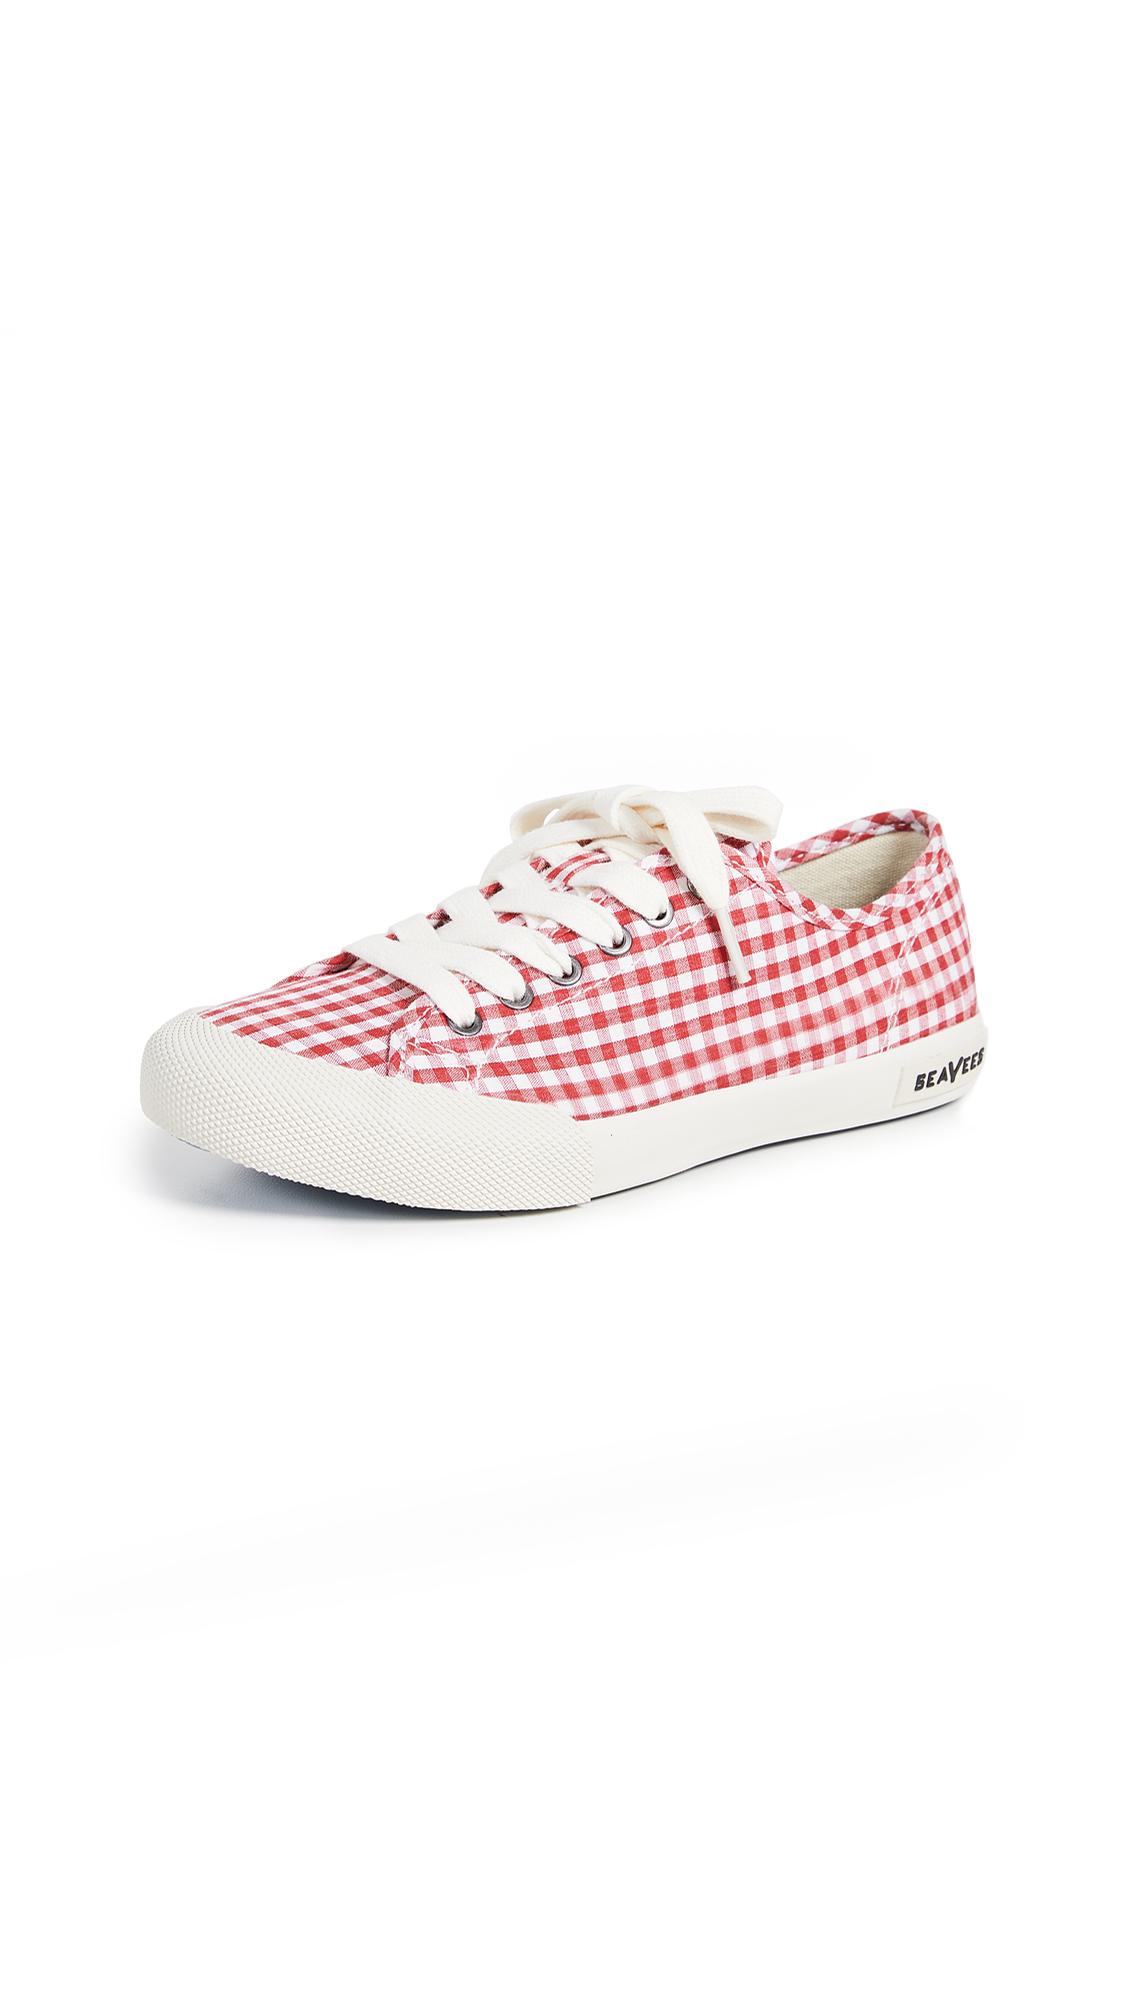 SeaVees Monterey Sneakers - Red Gingham